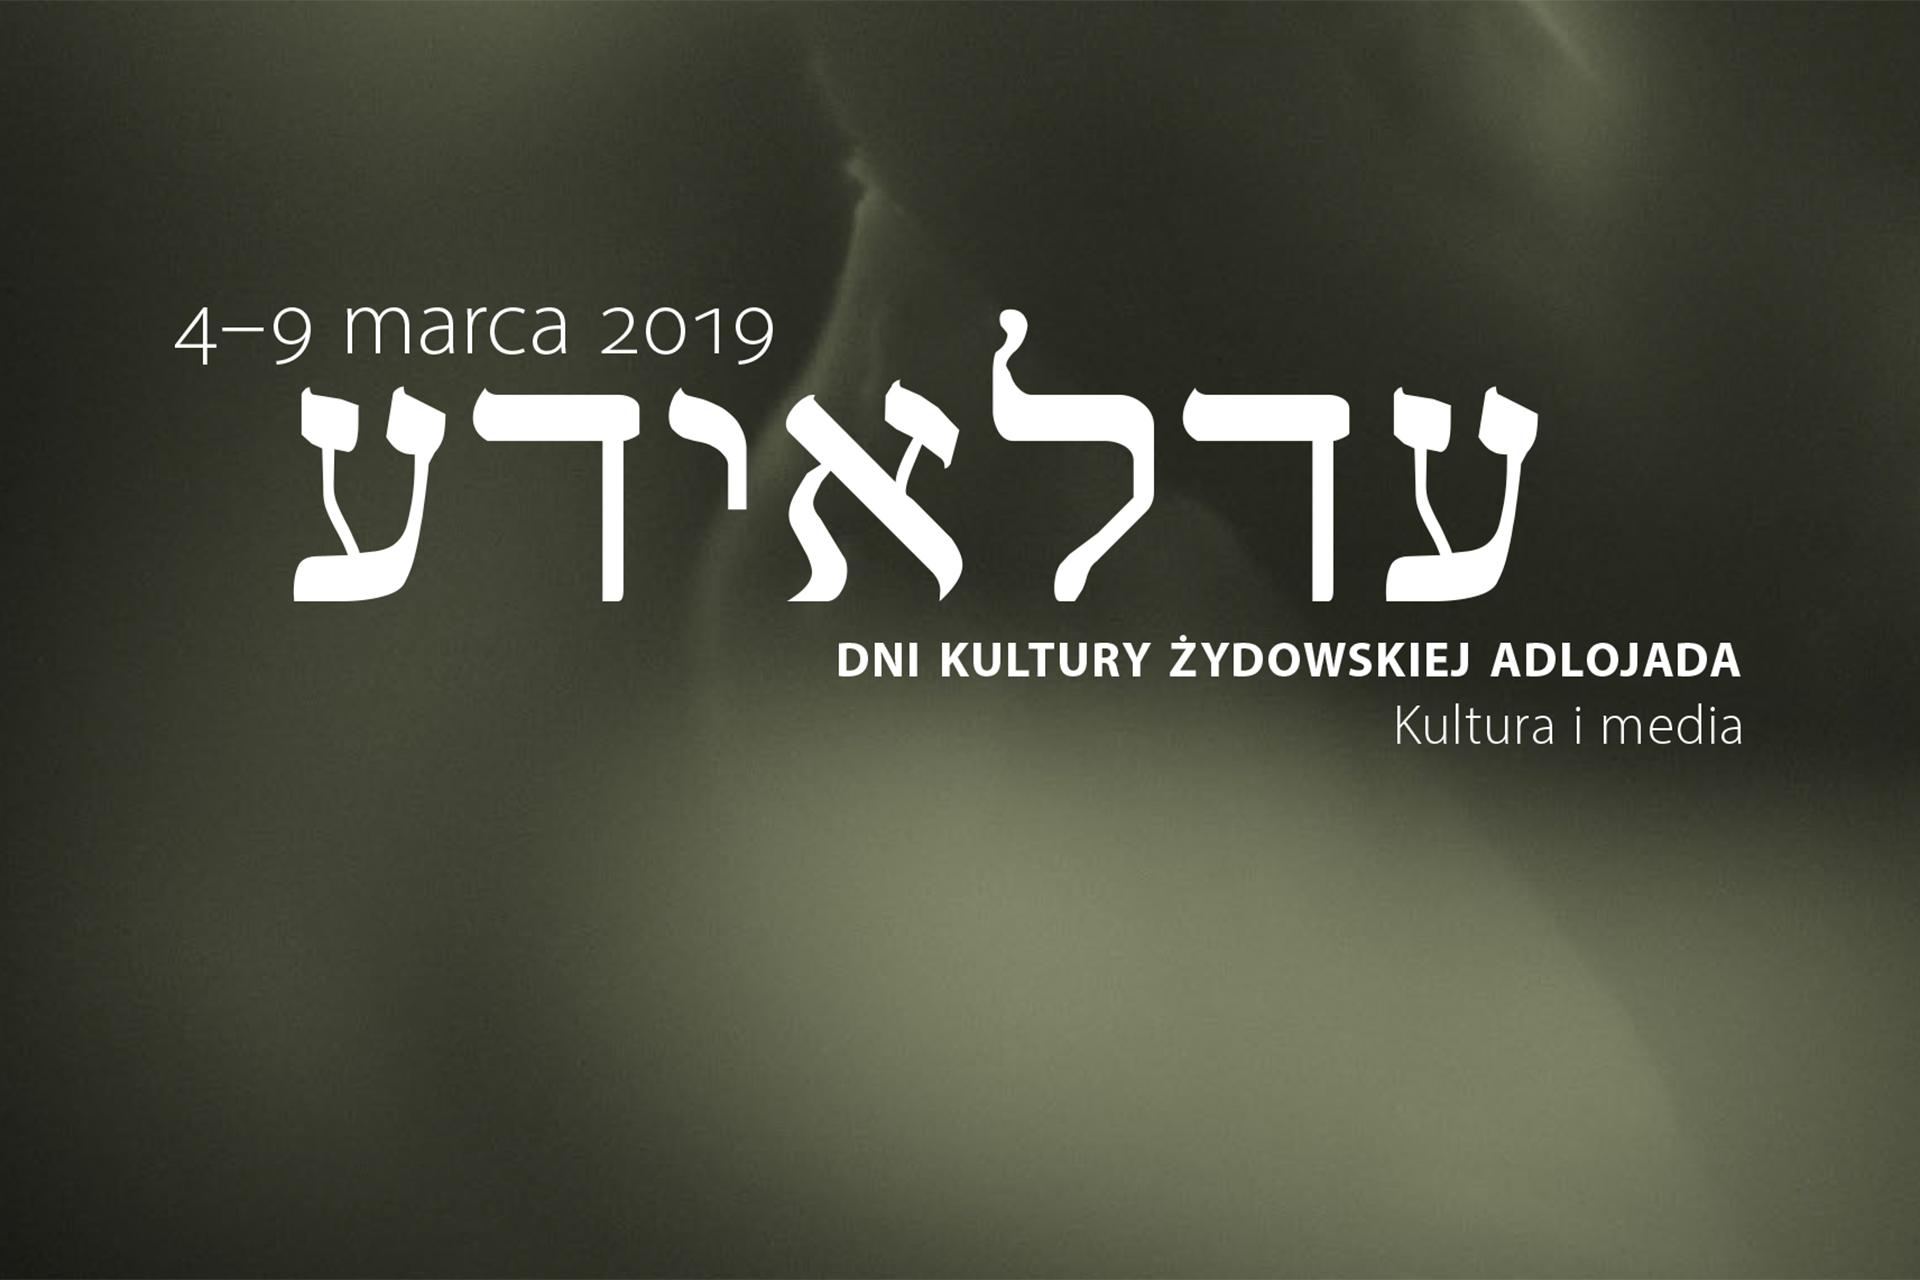 VIII Dni Kultury Żydowskiej ADLOJADA 2019 (źródło: materiały prasowe)